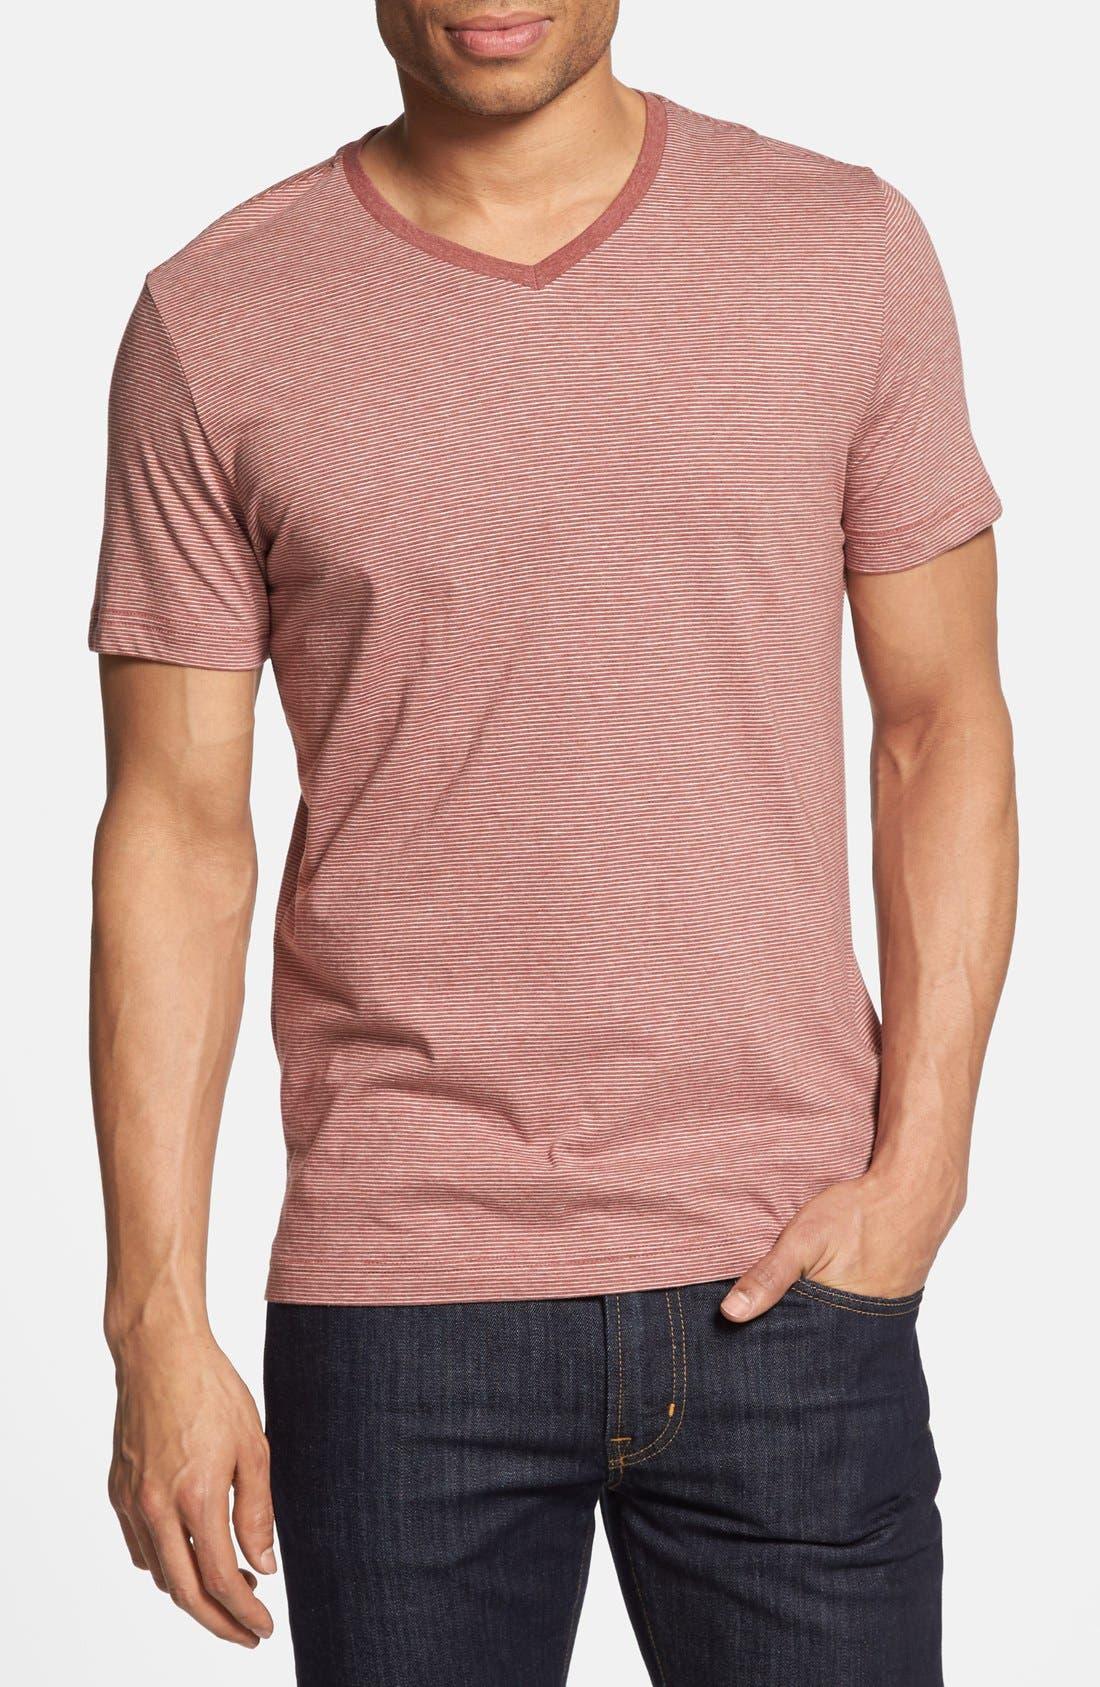 Main Image - Robert Barakett 'Caesar' V-Neck T-Shirt